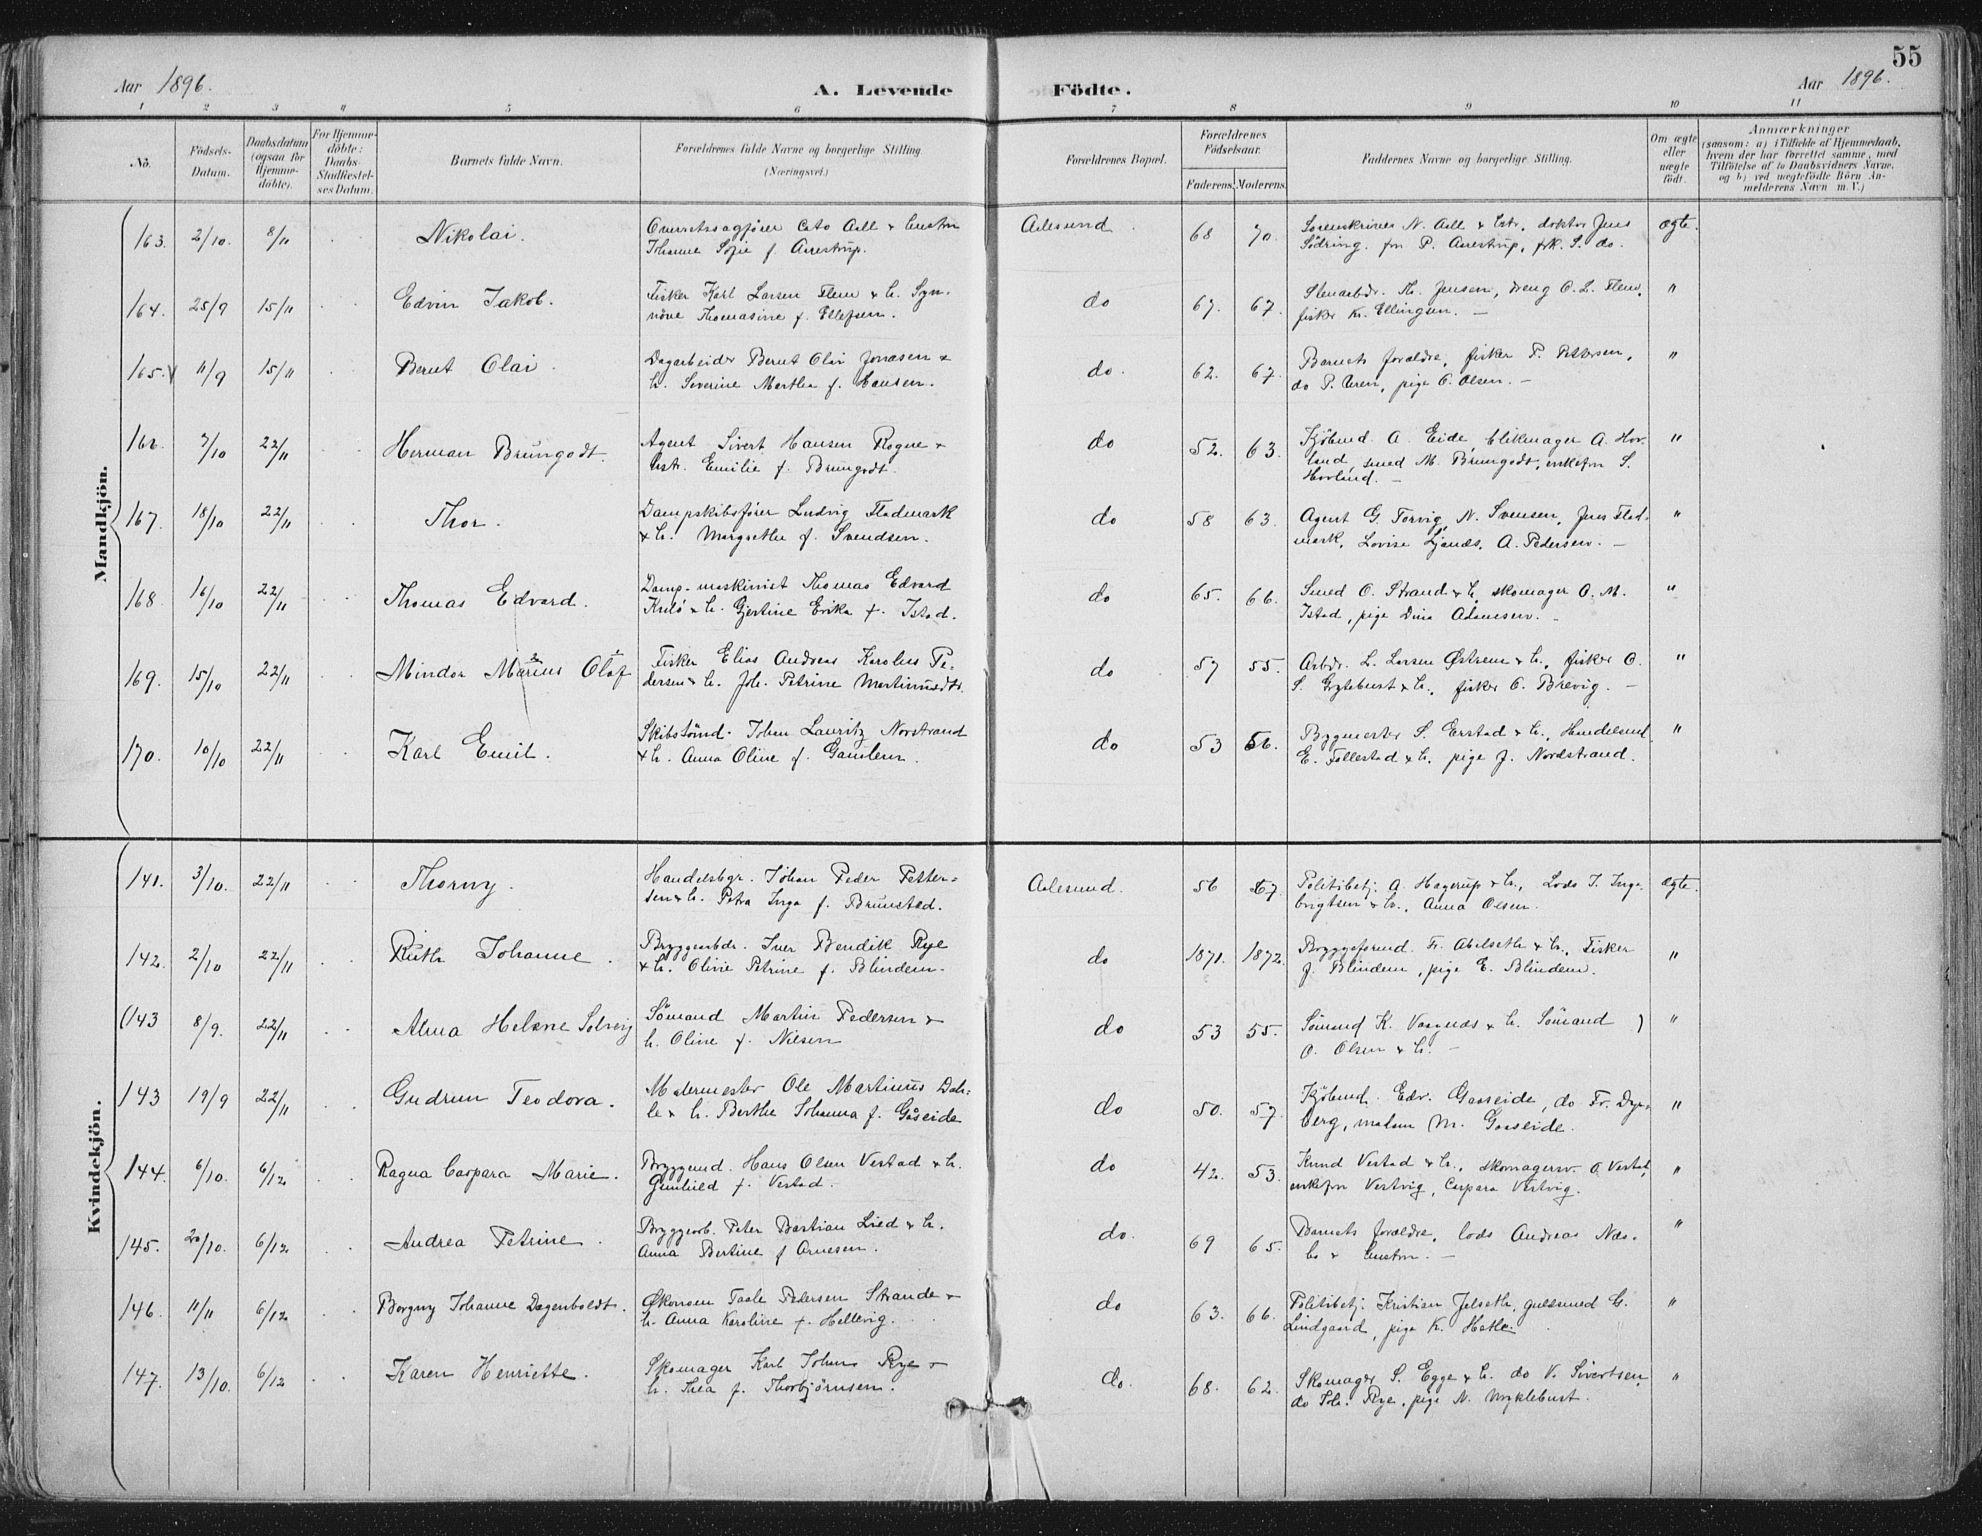 SAT, Ministerialprotokoller, klokkerbøker og fødselsregistre - Møre og Romsdal, 529/L0456: Parish register (official) no. 529A06, 1894-1906, p. 55